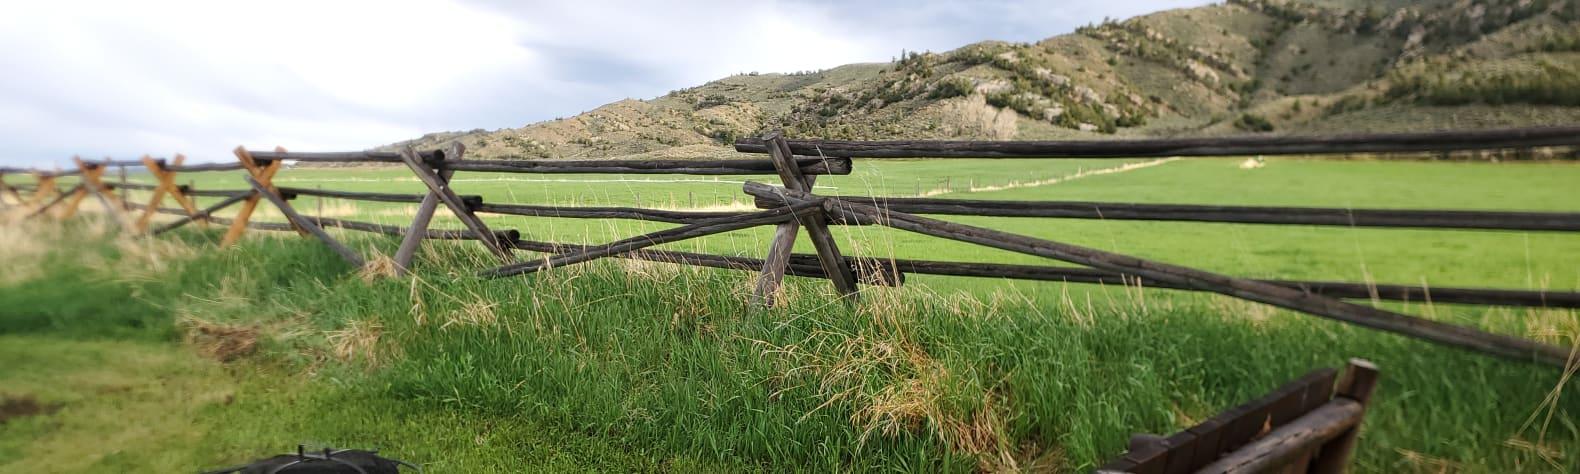 SonRise Grass Creek Guest Ranch